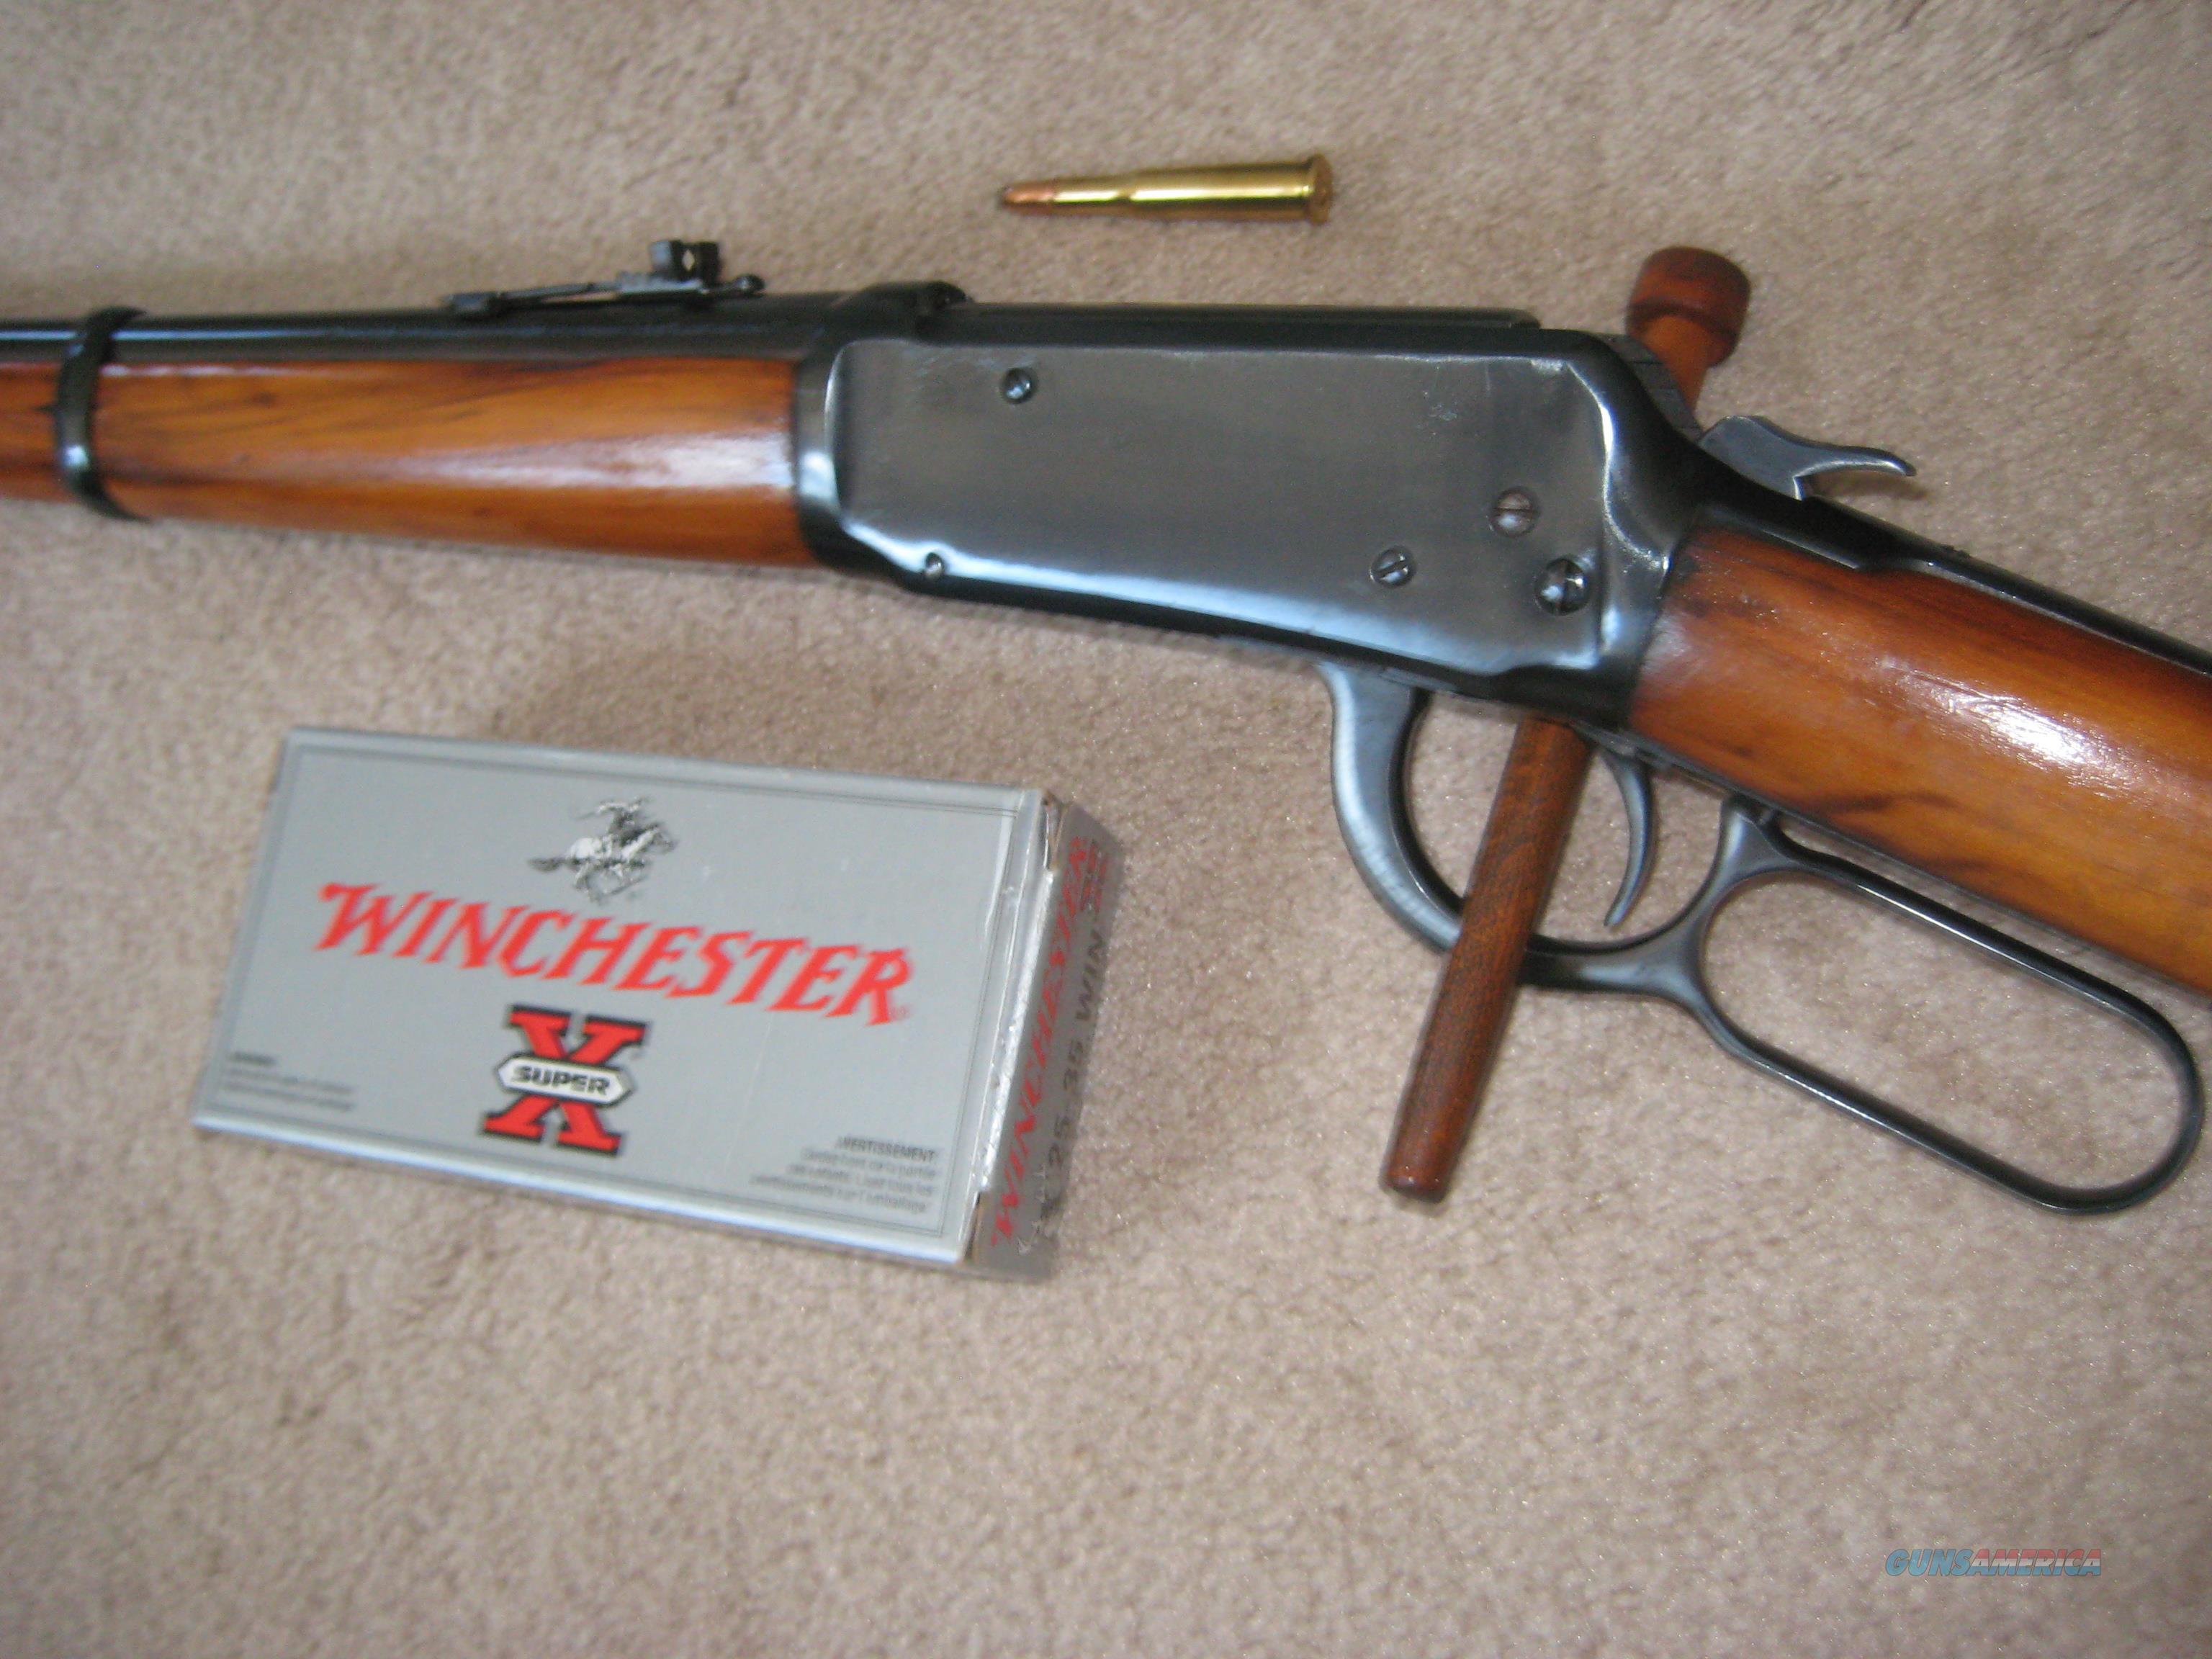 WINCHESTER 1894 Caliber 25-35  Guns > Rifles > Winchester Rifles - Modern Lever > Model 94 > Pre-64